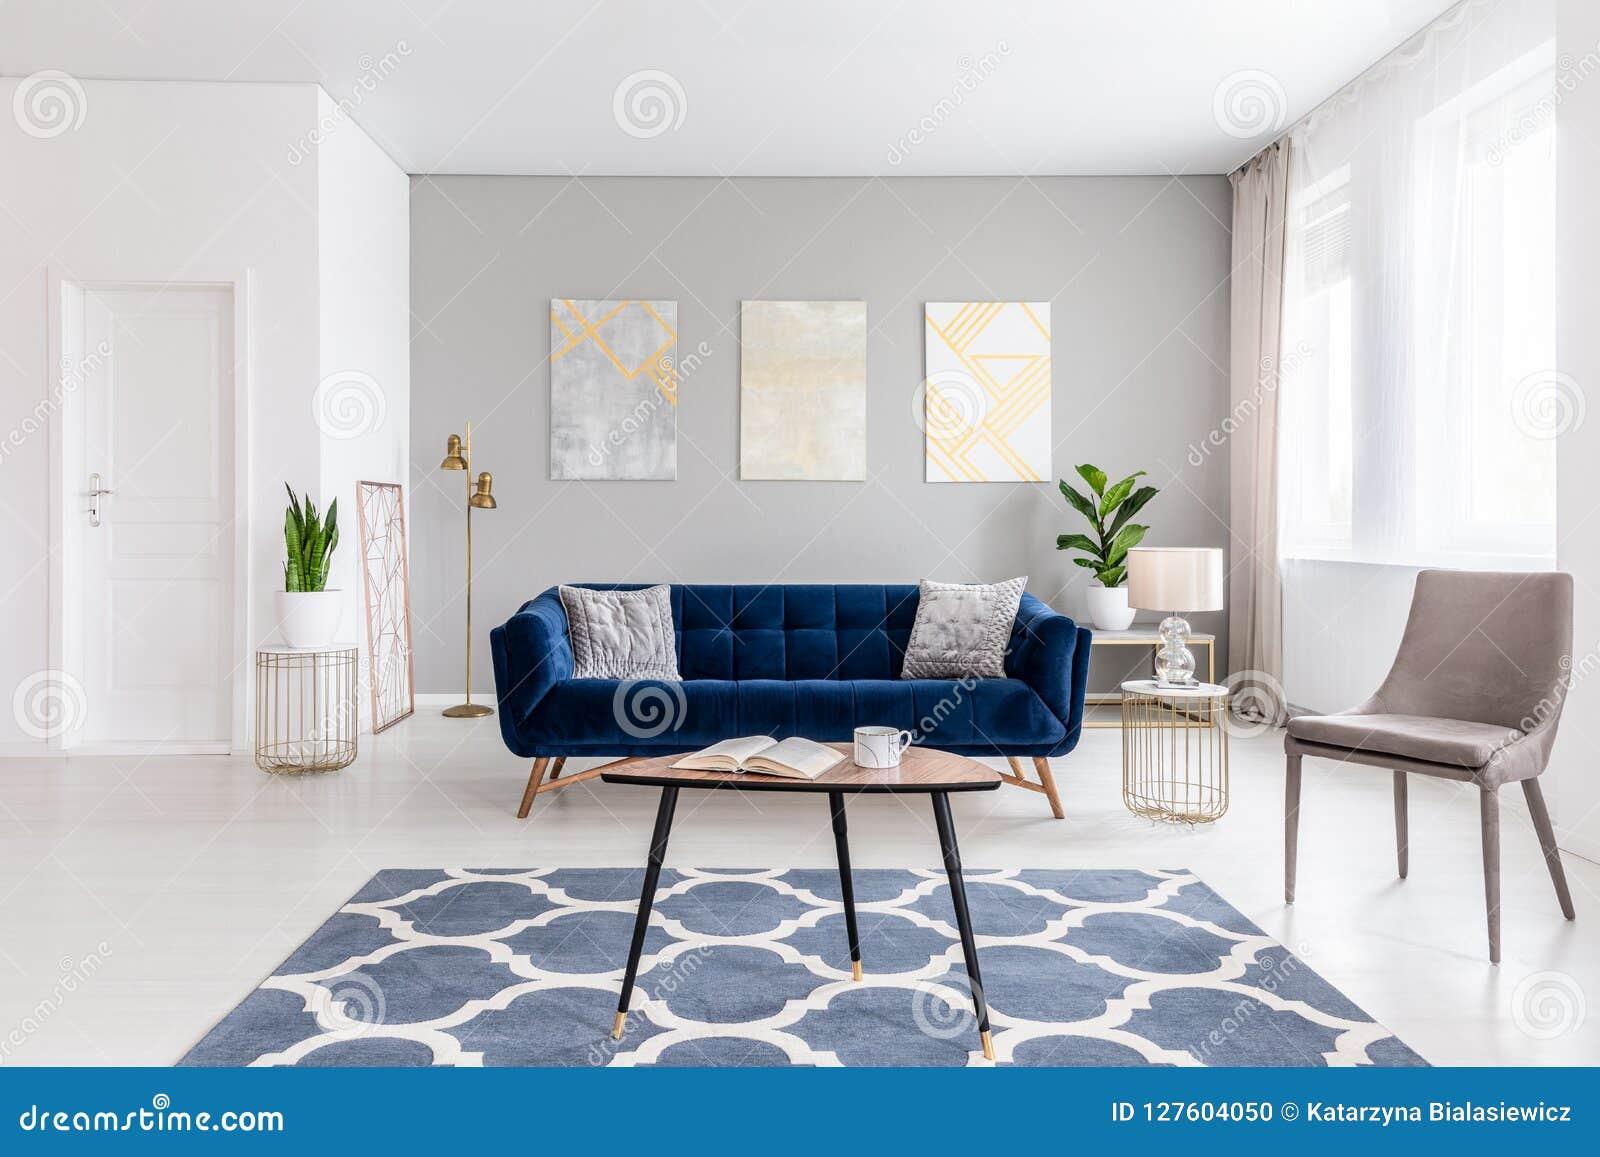 Εσωτερικό καθιστικών ανοιχτού χώρου με τα σύγχρονα έπιπλα ενός μπλε ναυτικού καναπέ, μιας μπεζ πολυθρόνας, ενός τραπεζάκι σαλονιο